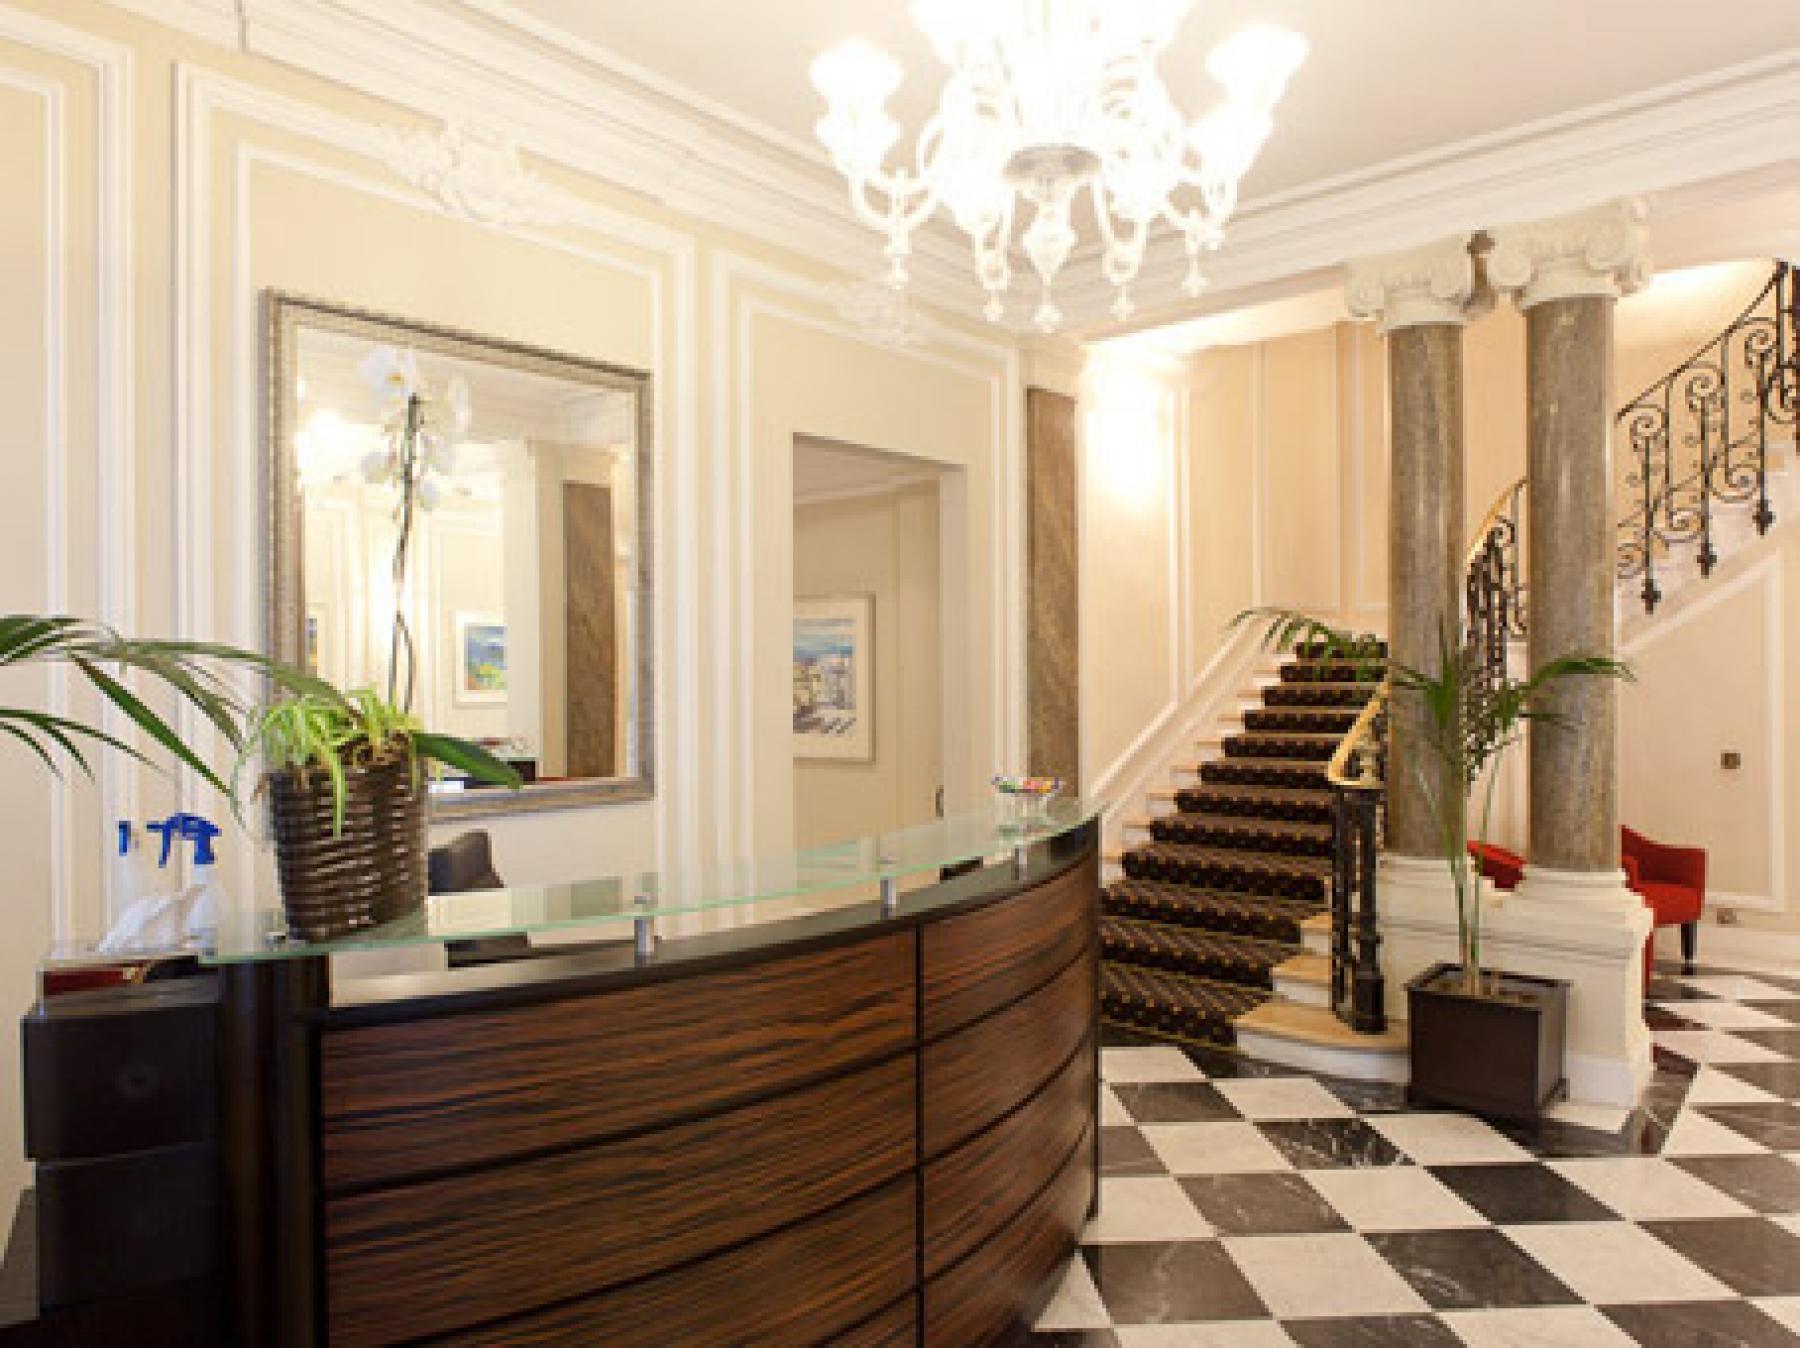 Réception ayant un décor classique et chaleureux à la rue de Bassano